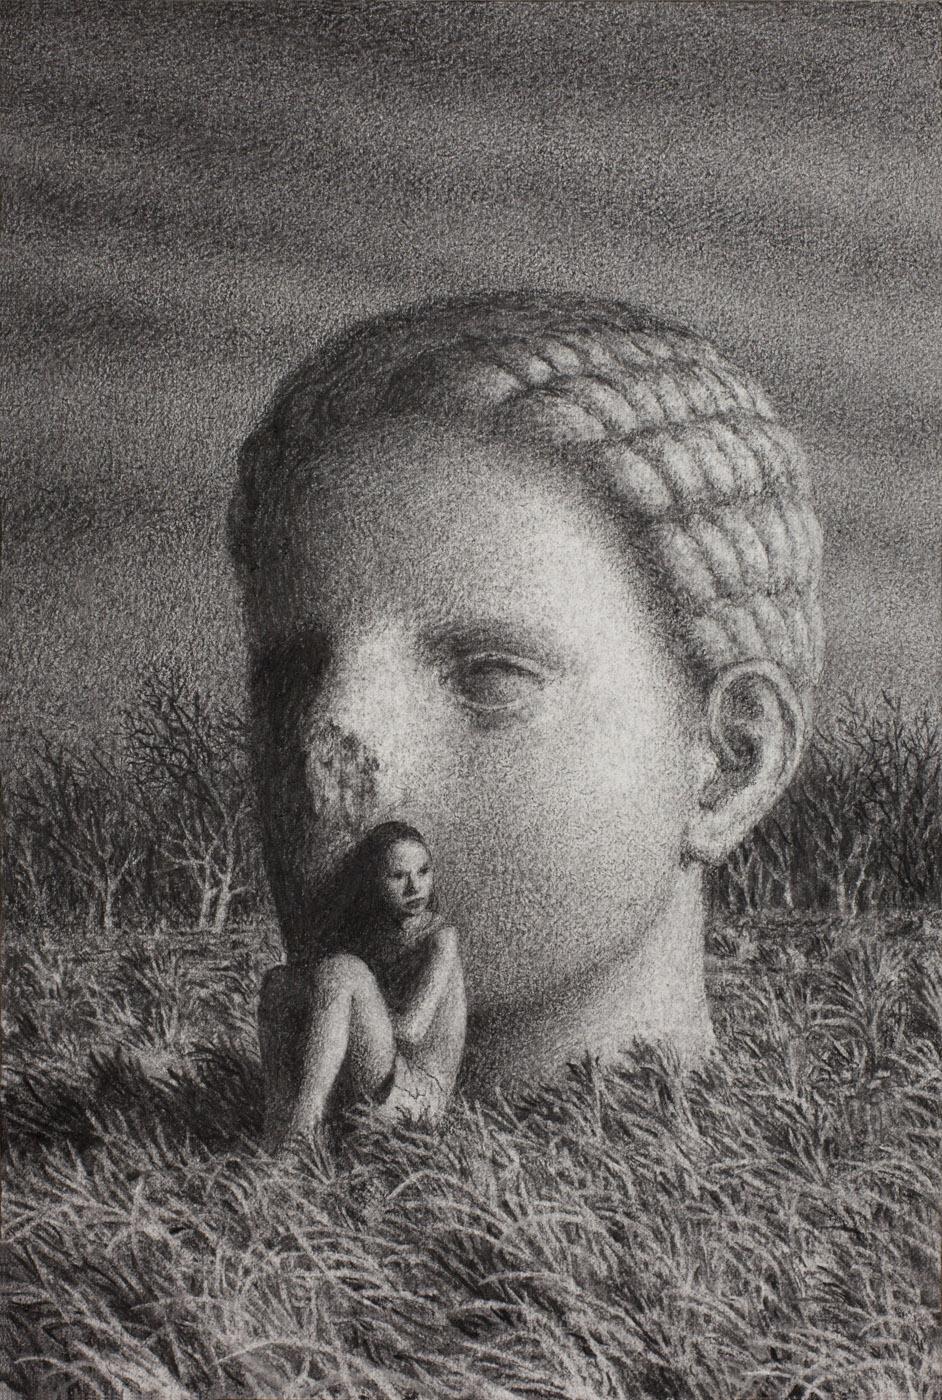 Vigil 8 , charcoal on paper, 15 x 10 in / 38 x 25 cm, 2013